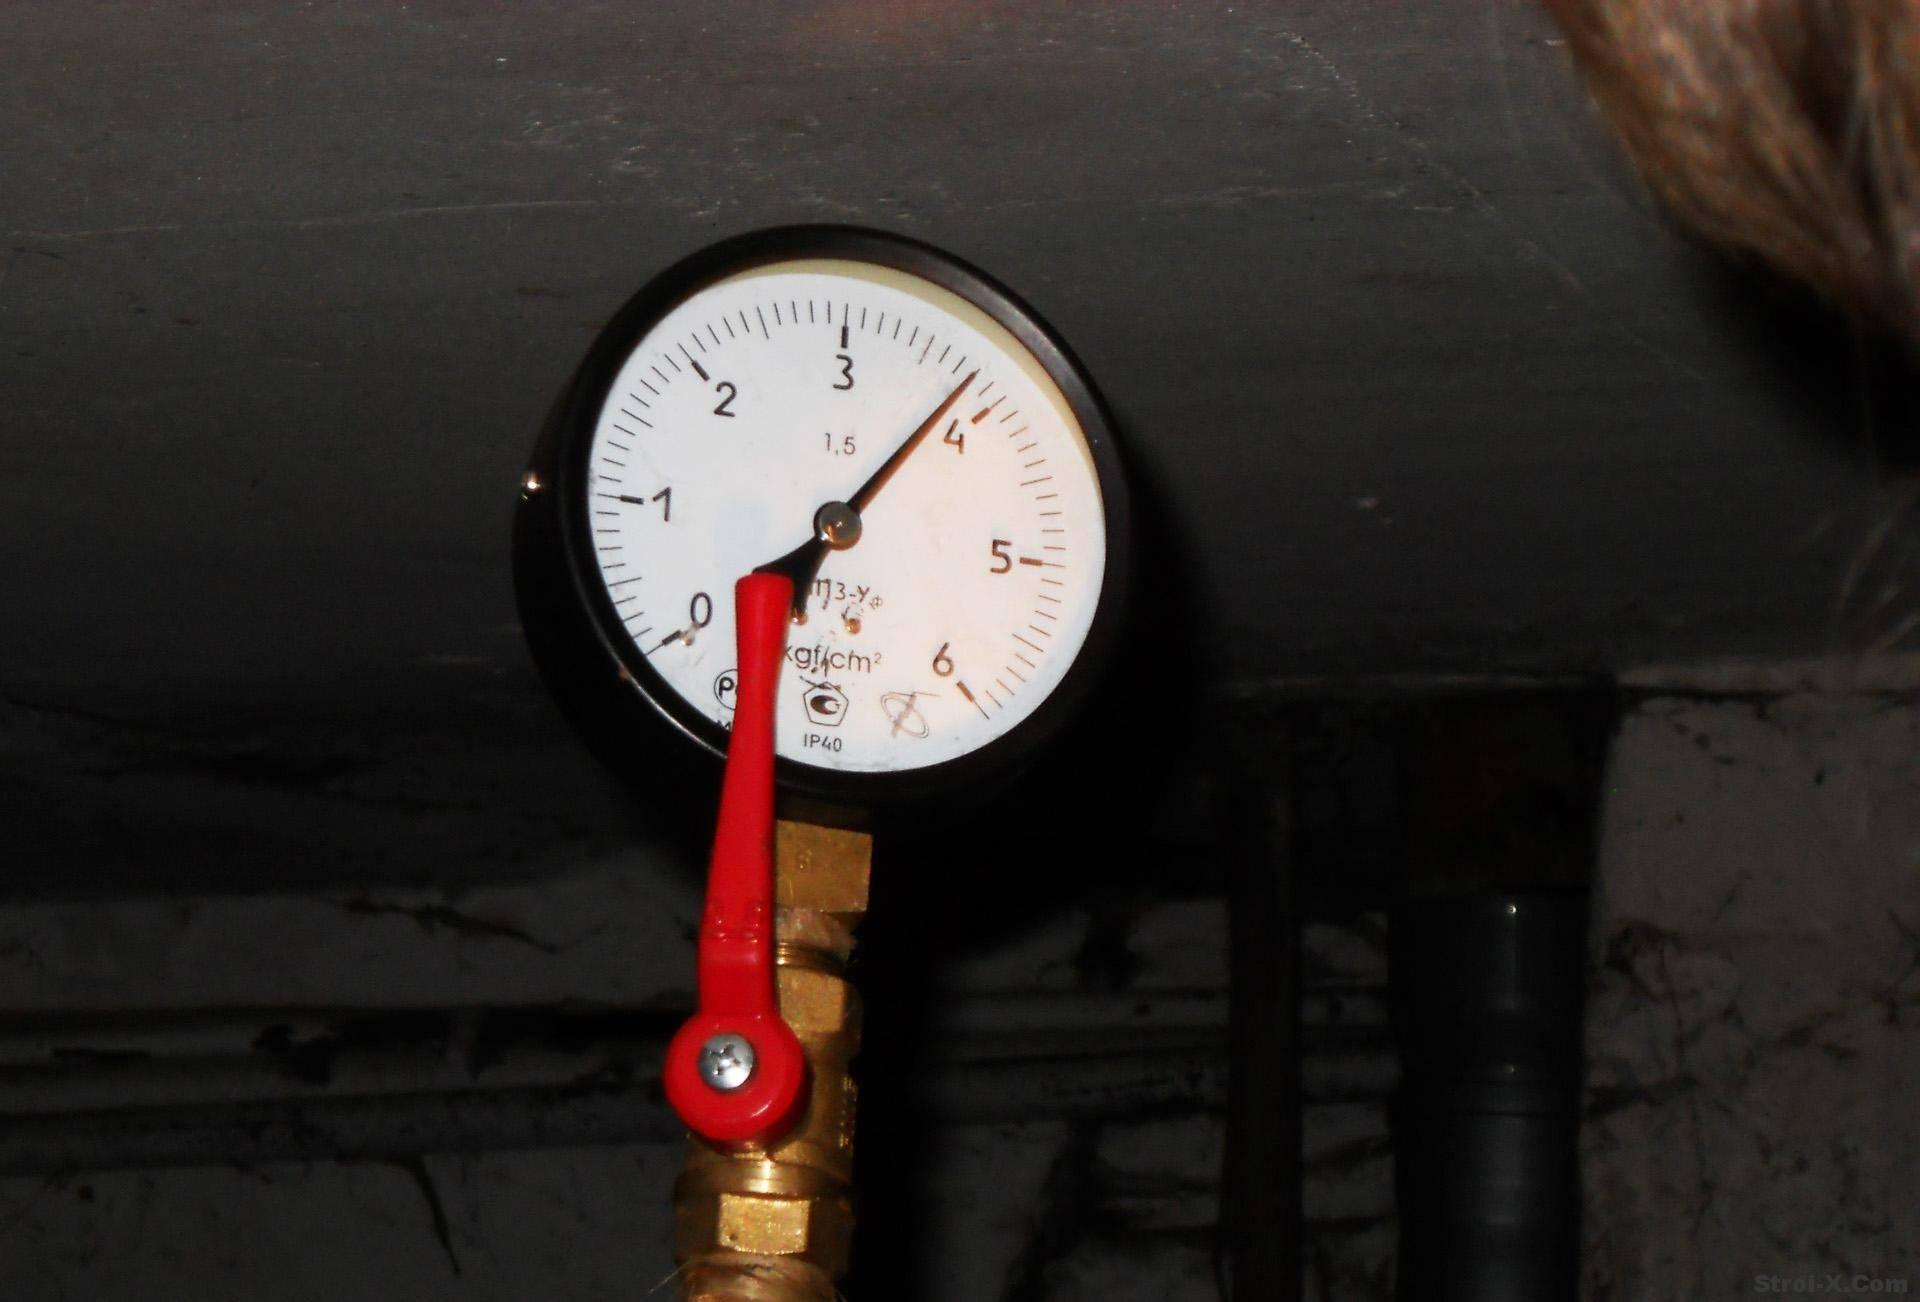 Рабочее давление в системе отопления: зачем необходимо и как рассчитать